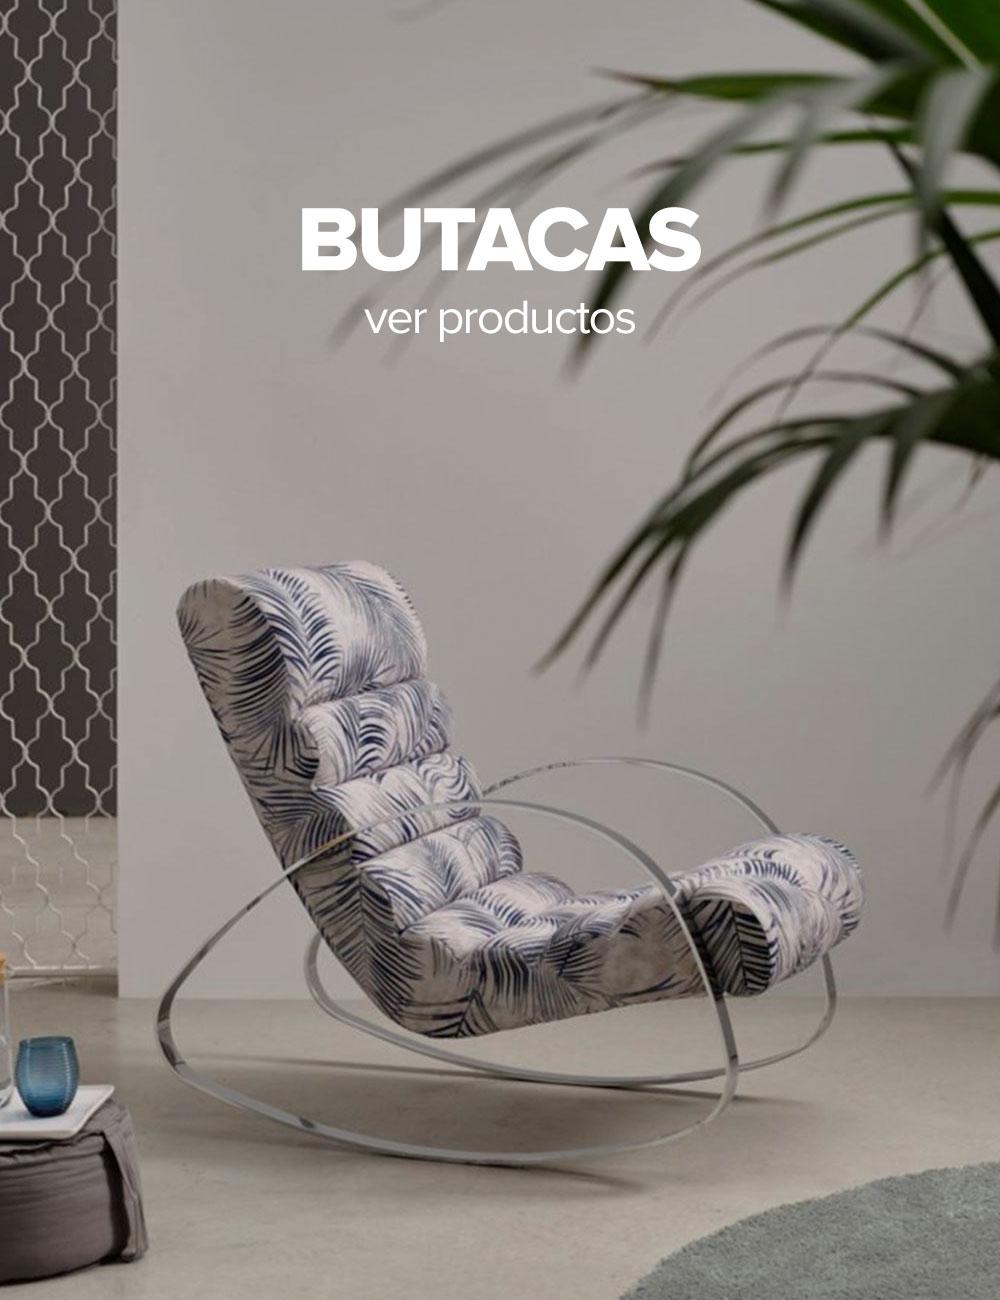 butacas online